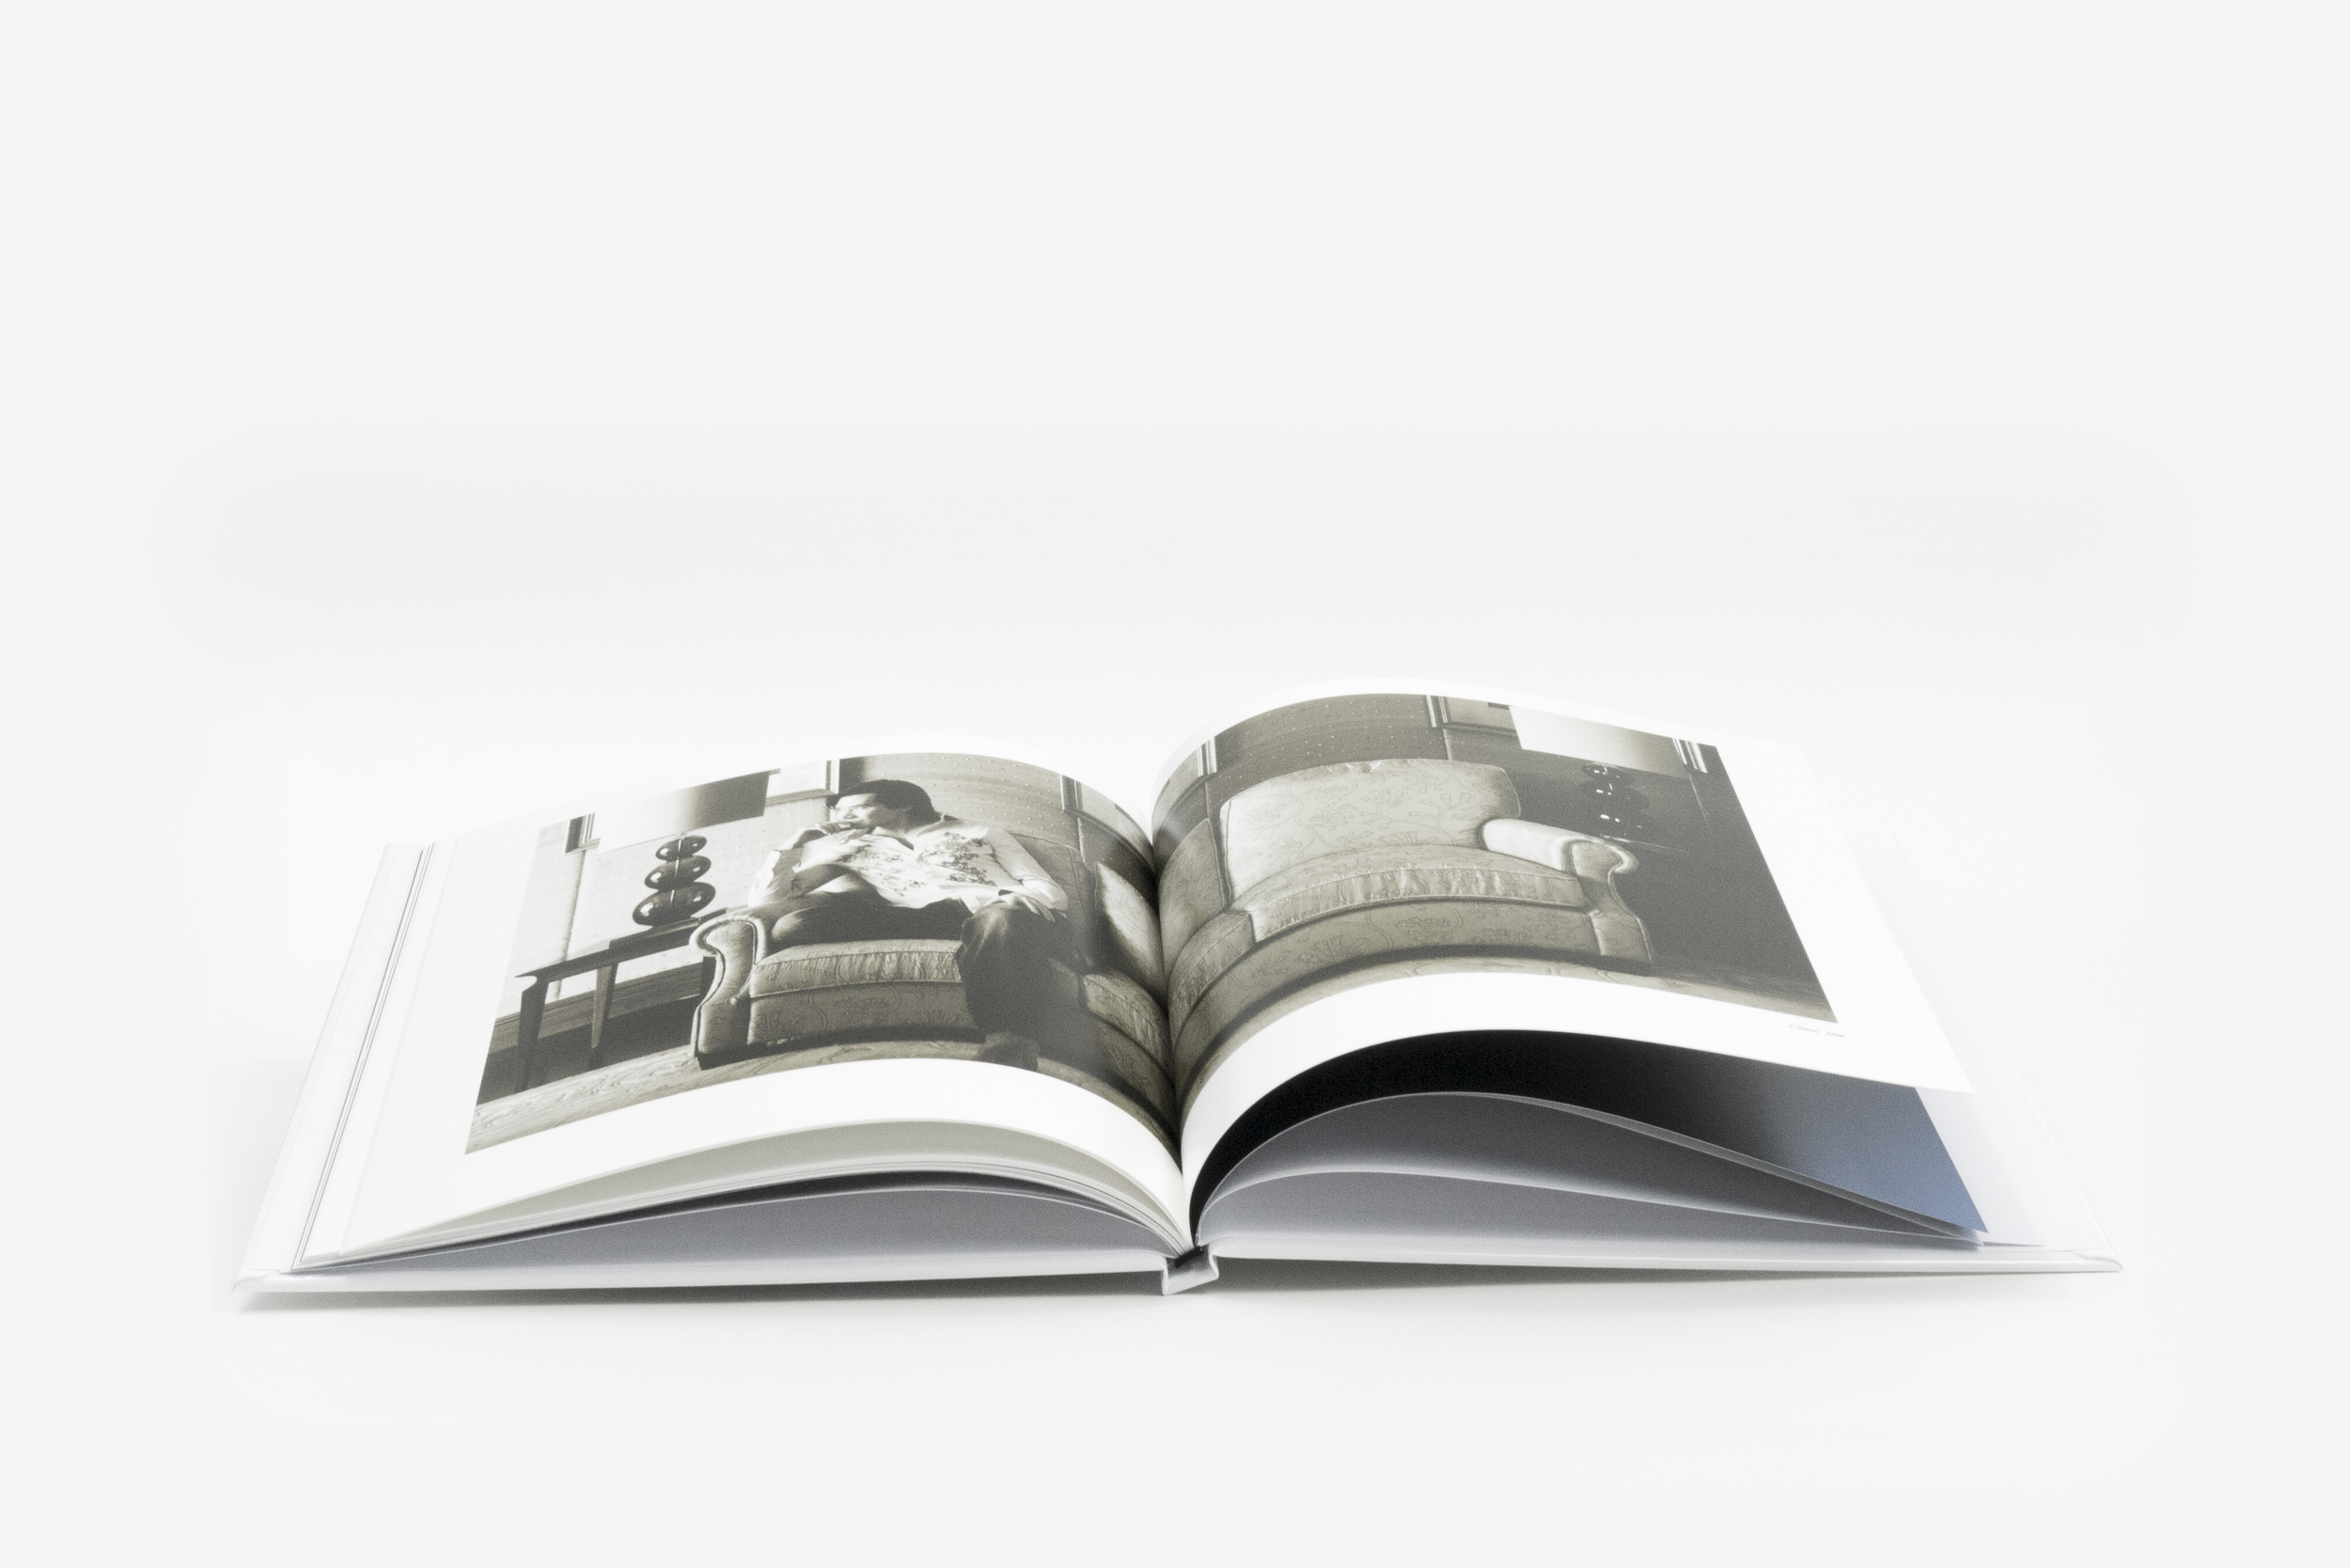 L1030520 copy.jpg